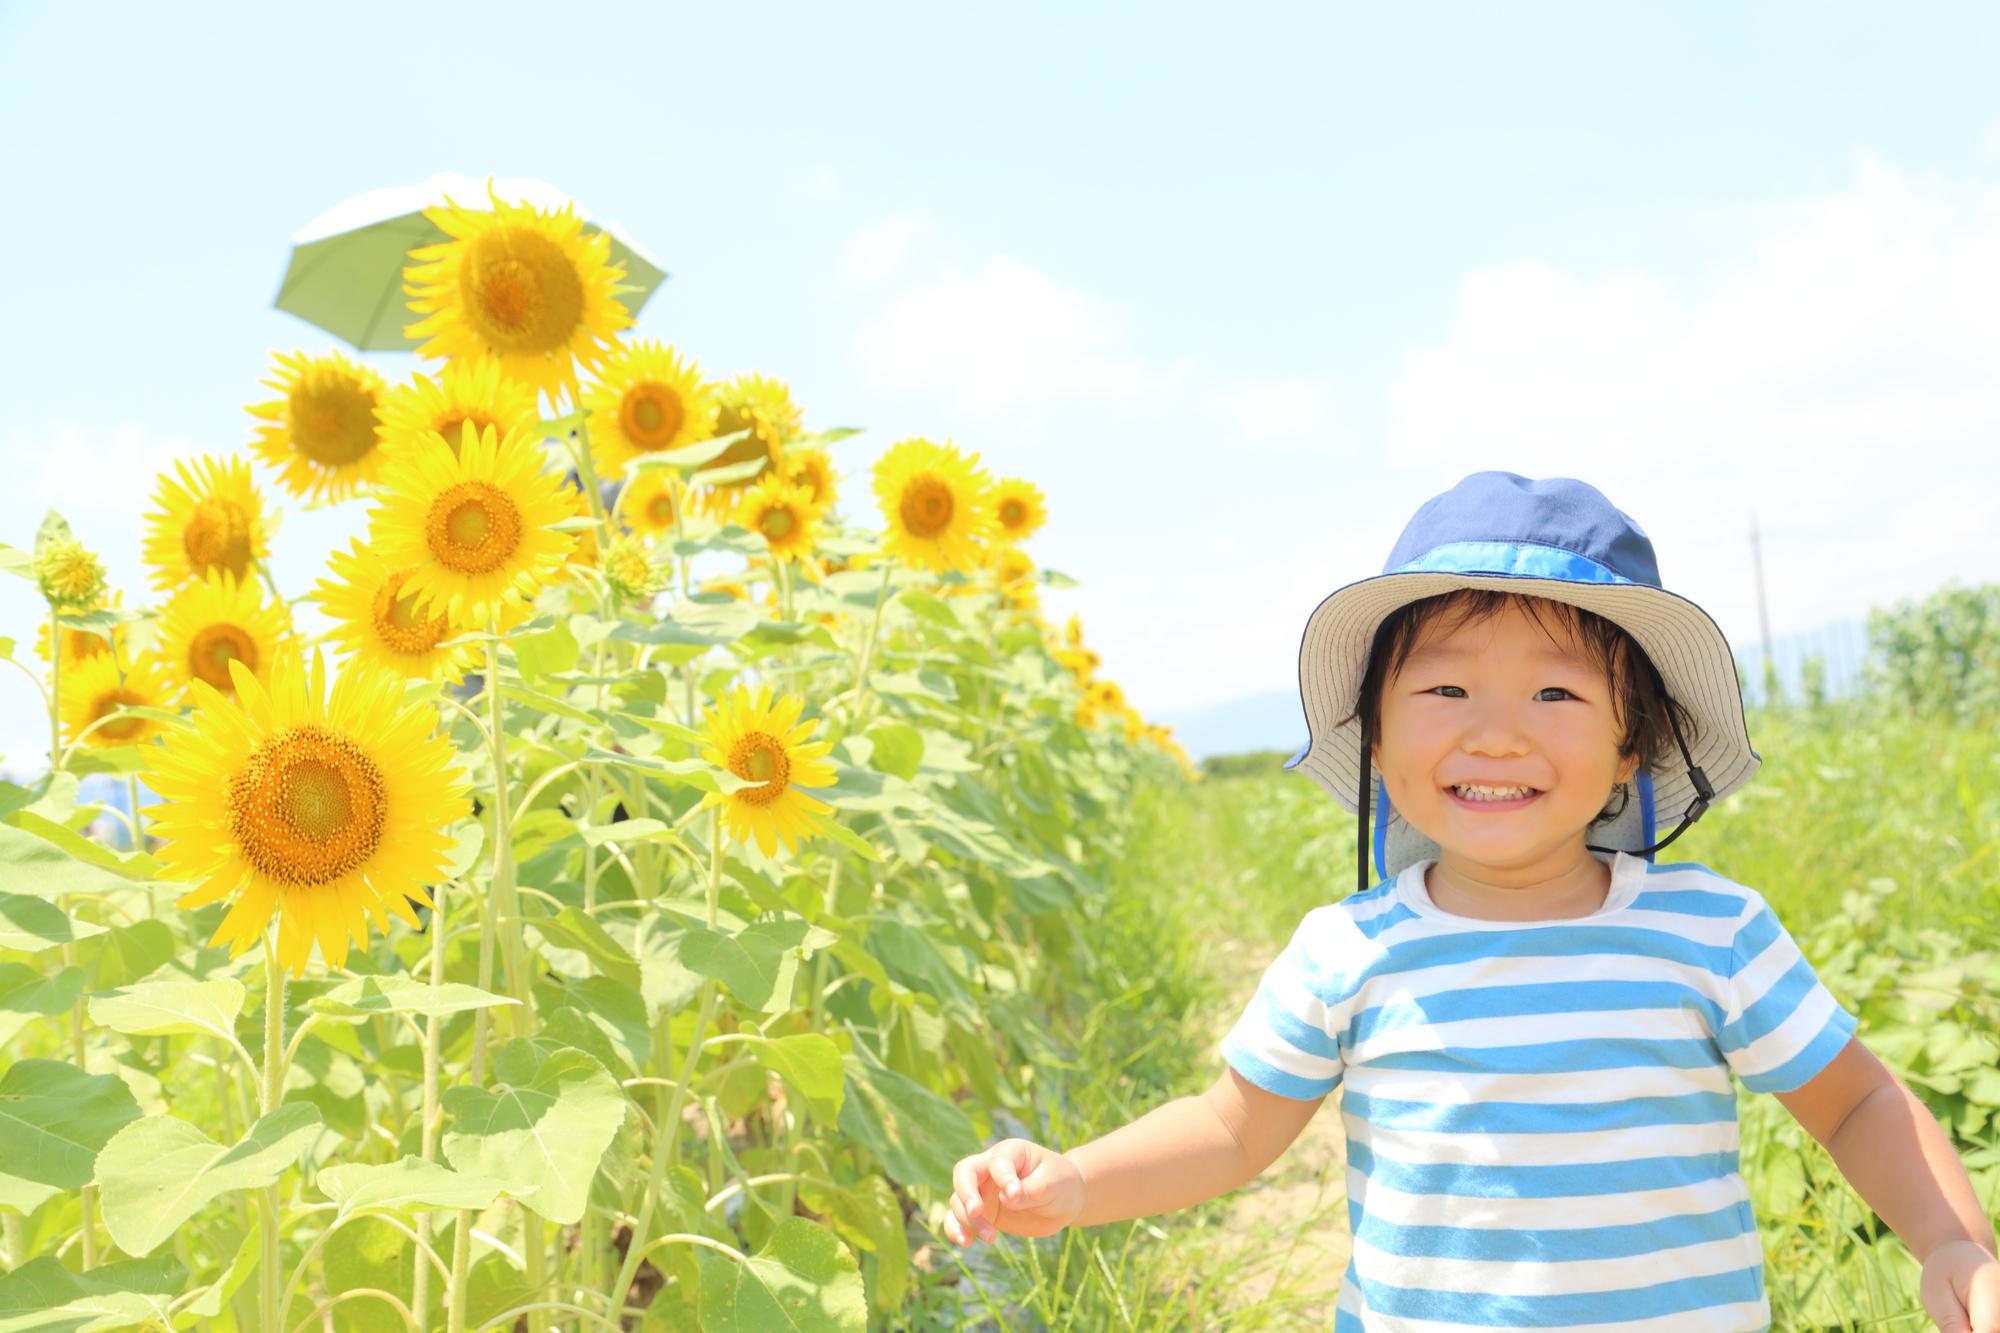 保育園での熱中症対策|保育士・園児の注意点とオススメの外遊び/室内遊び